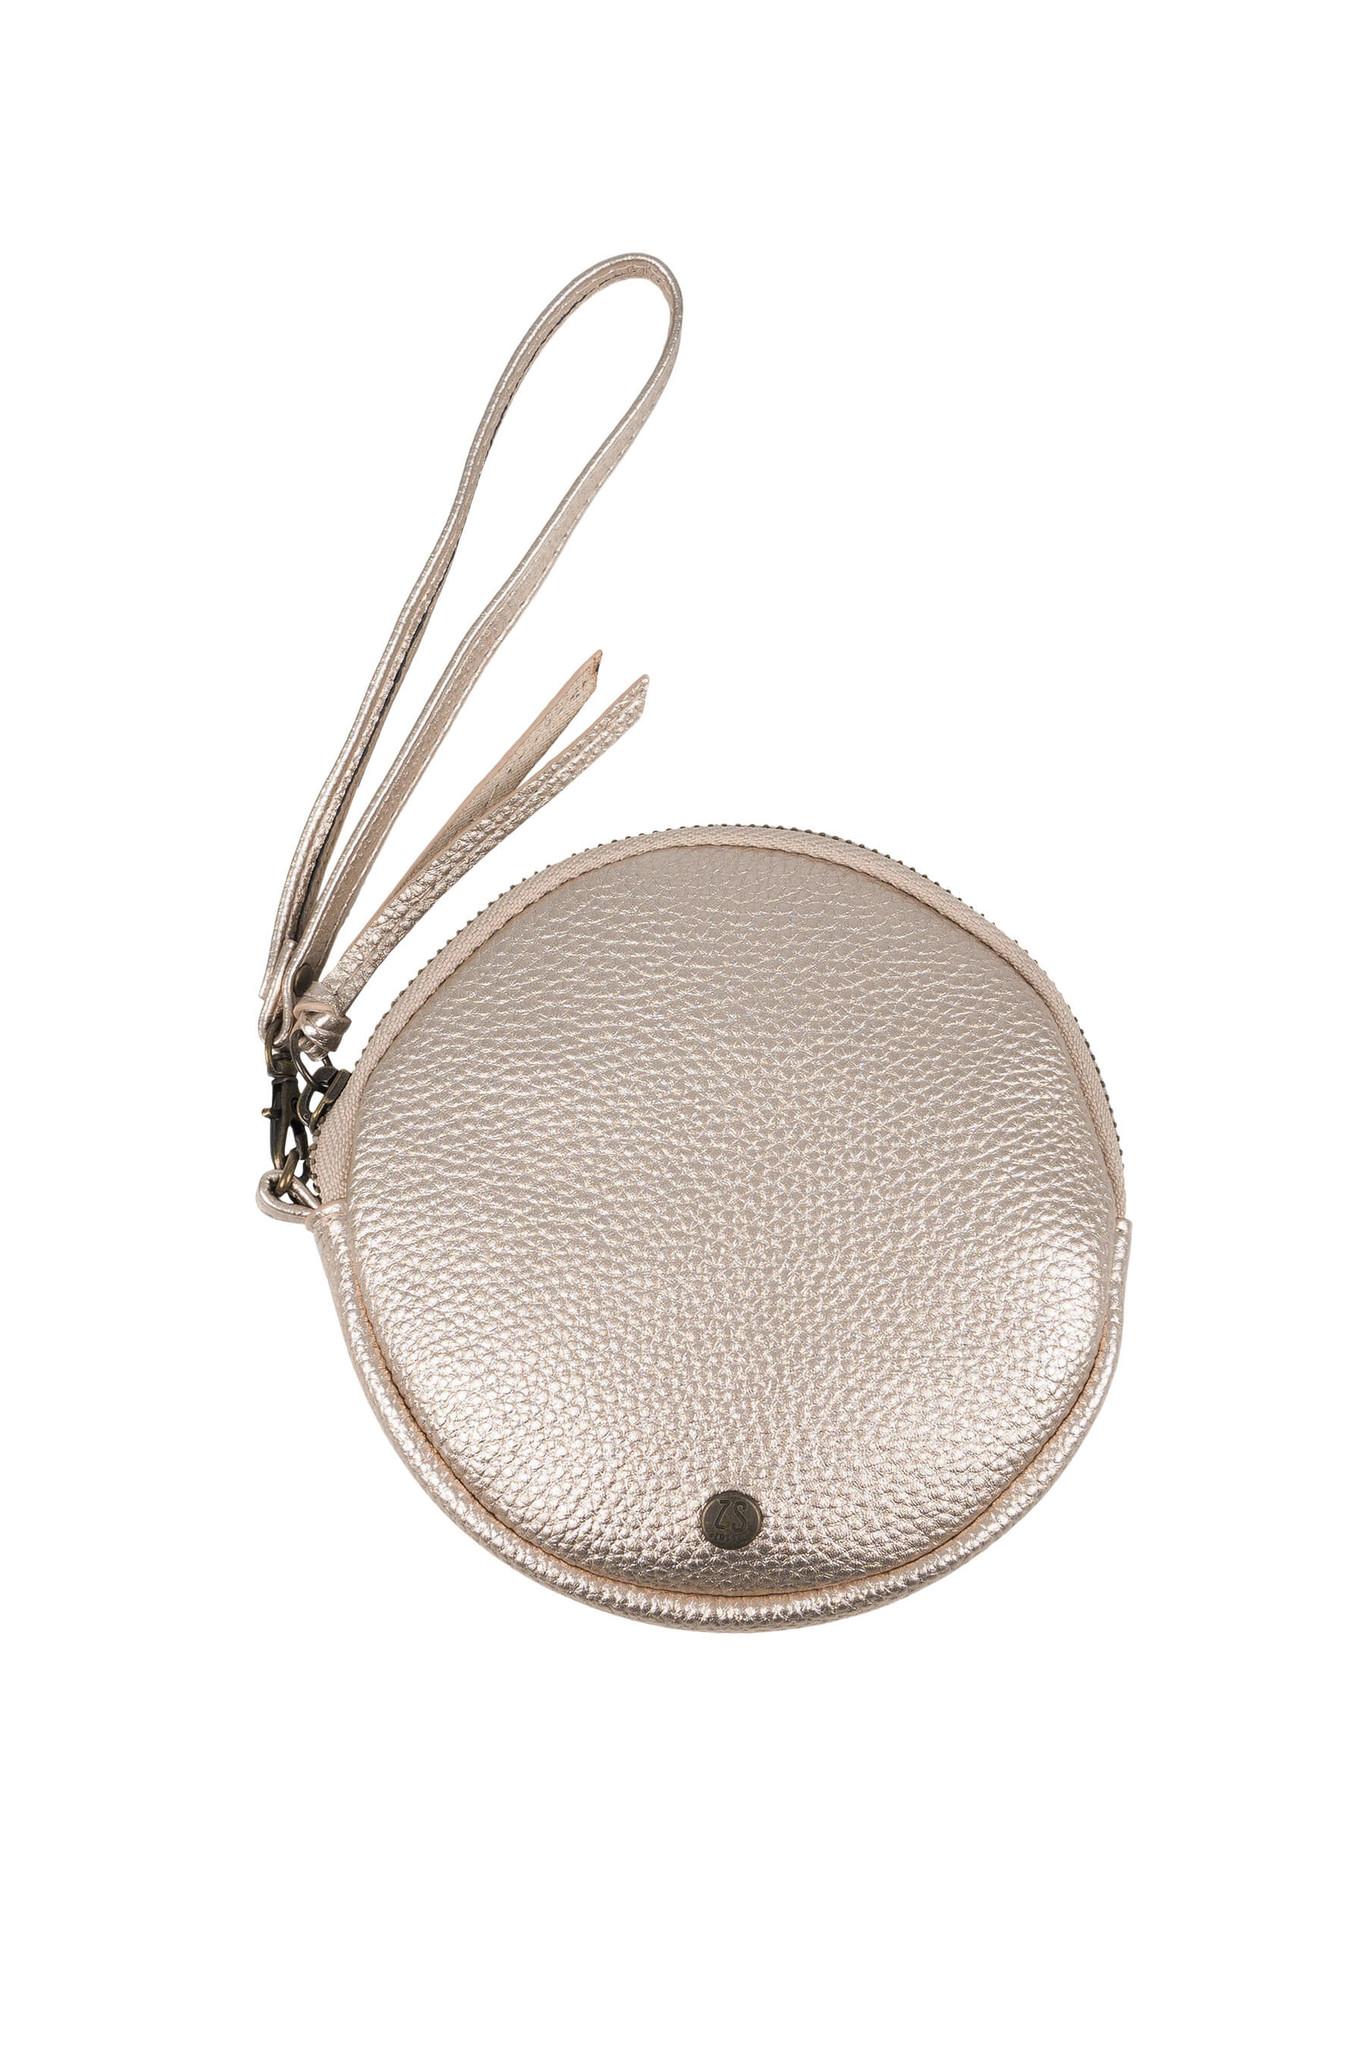 Rond tasje (portemonnee) zusss - goud metallic